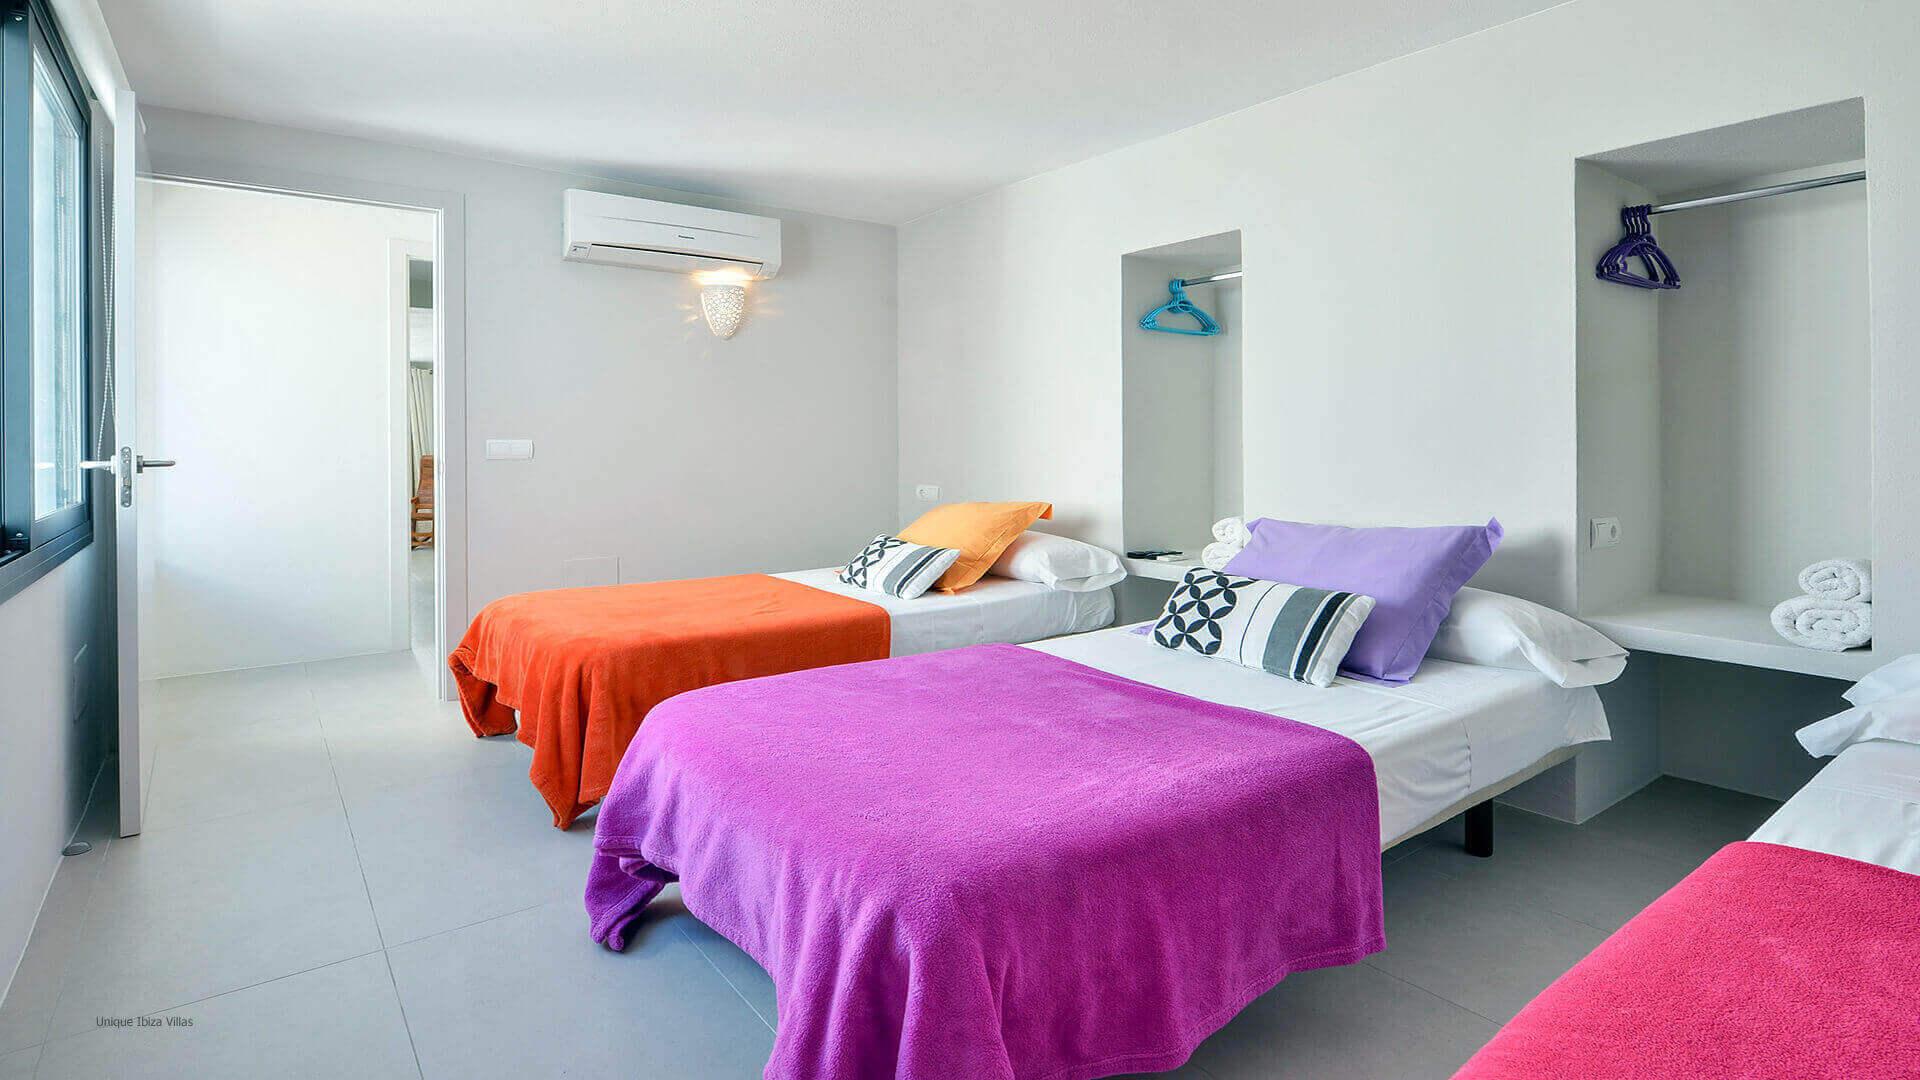 Casa Delfin Ibiza 42 Bedroom 5